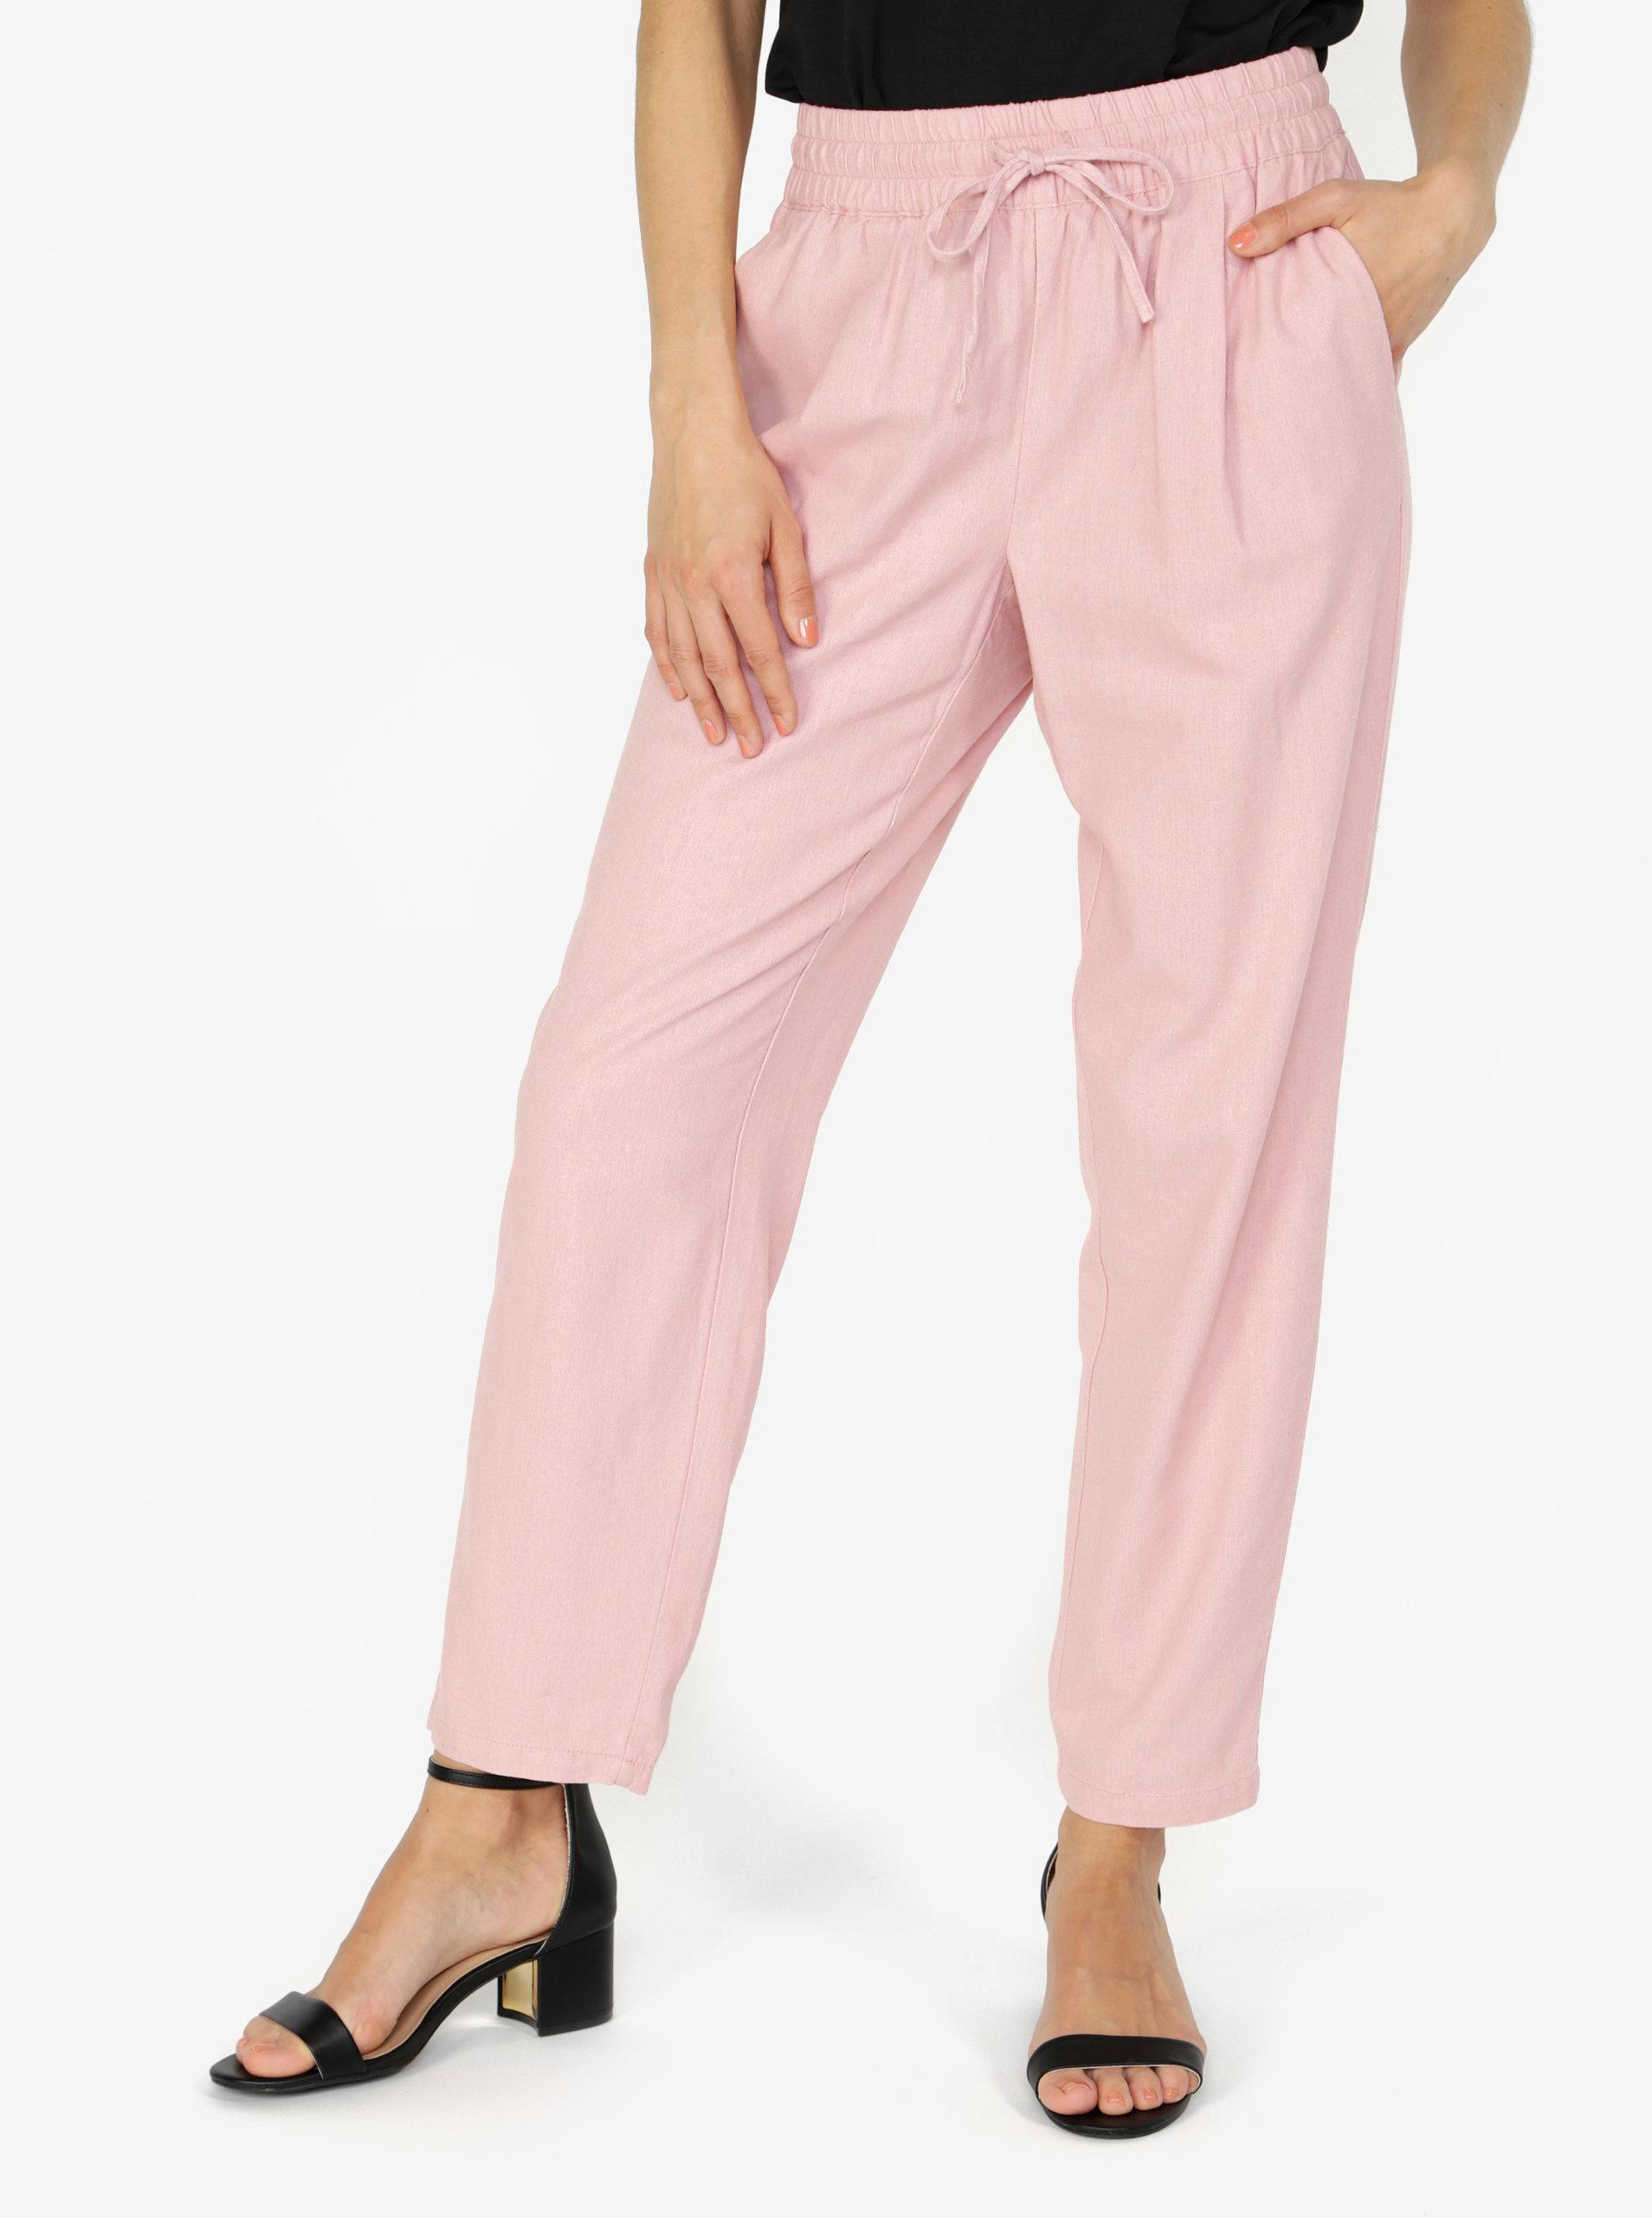 84df7e6a0c2 Růžové lněné kalhoty s kapsami VERO MODA Masta Milo ...